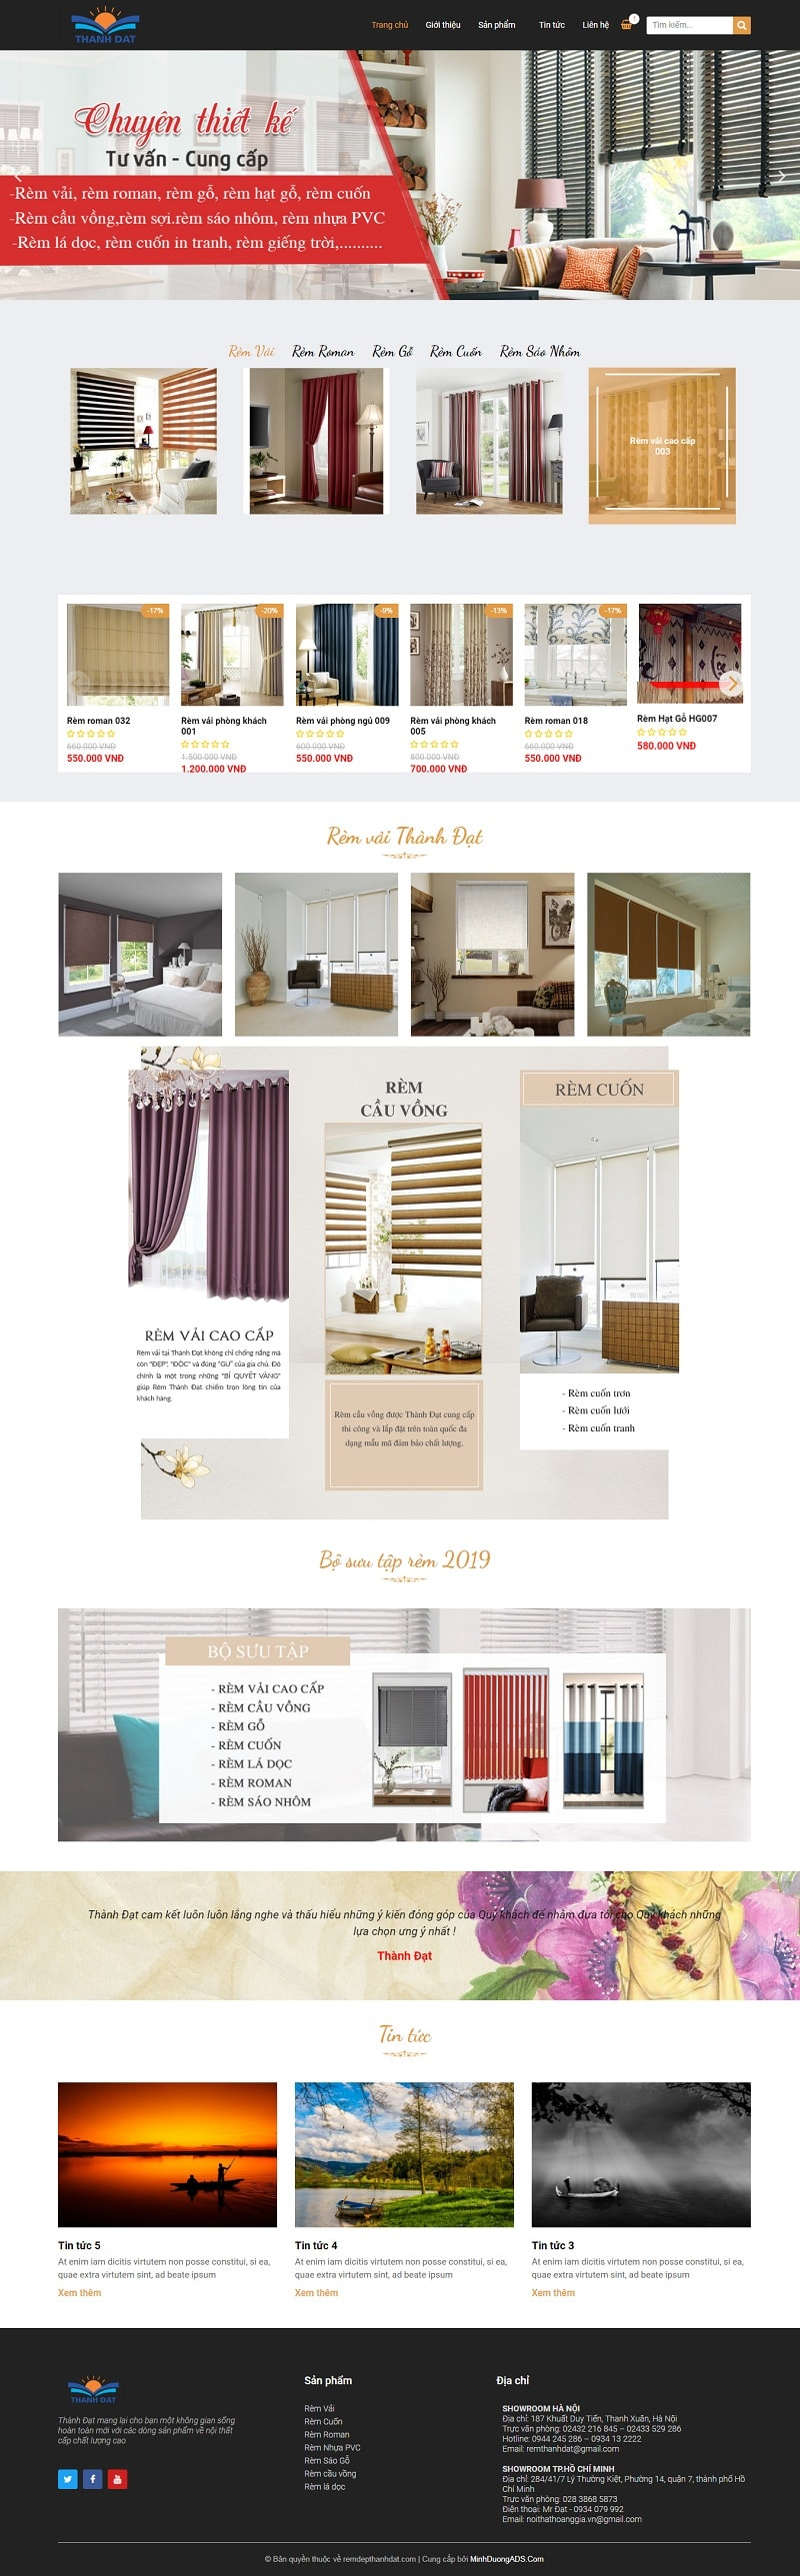 thiết kế website bán rèm cửa đẹp